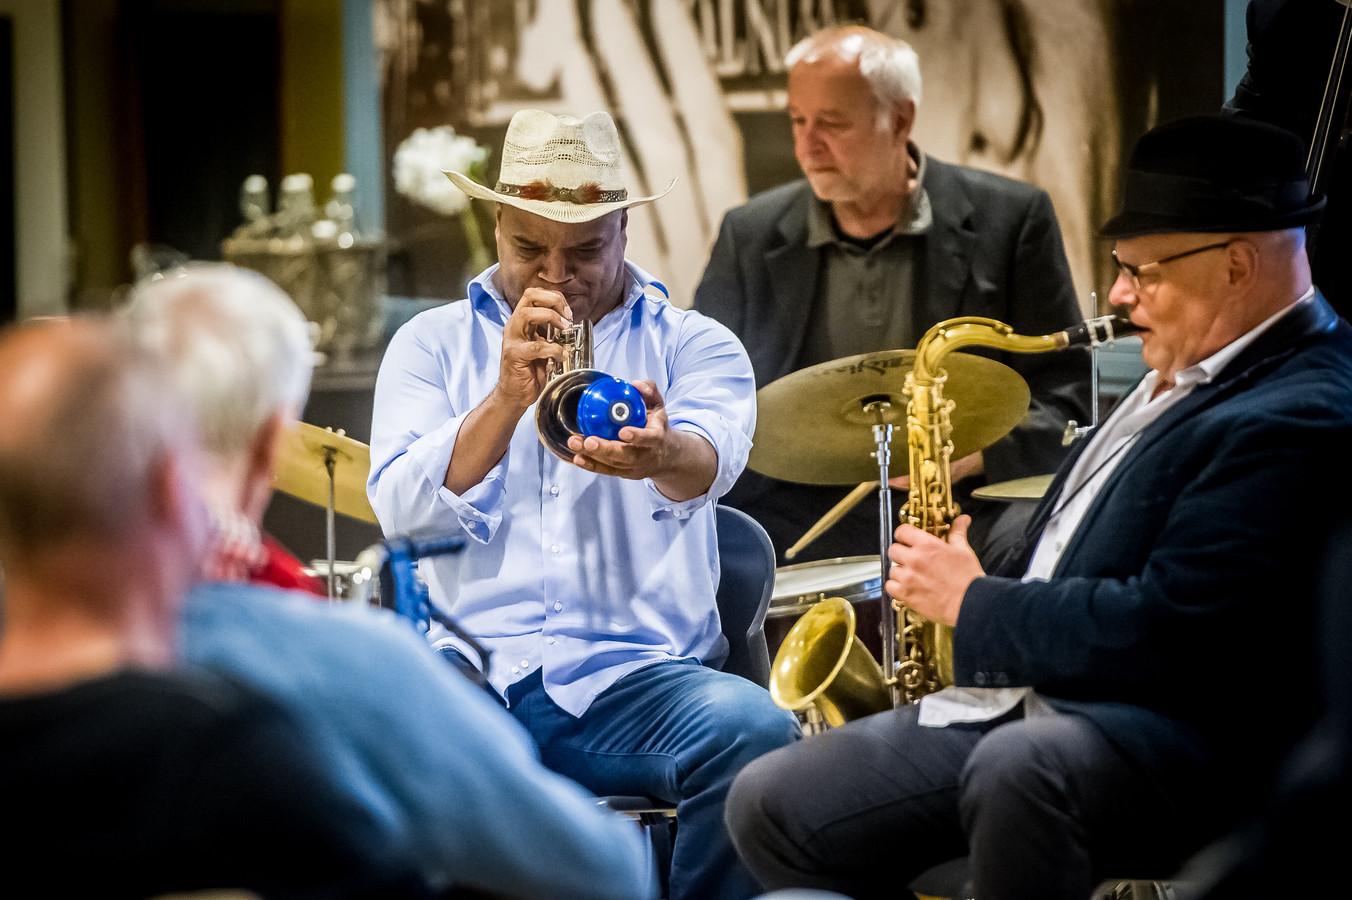 Michael Varenkamp verzorgt een Jazz optreden in woonzorgcentrum Moermont in Bergen op Zoom.   Foto: Joris Knapen | Pix4Profs